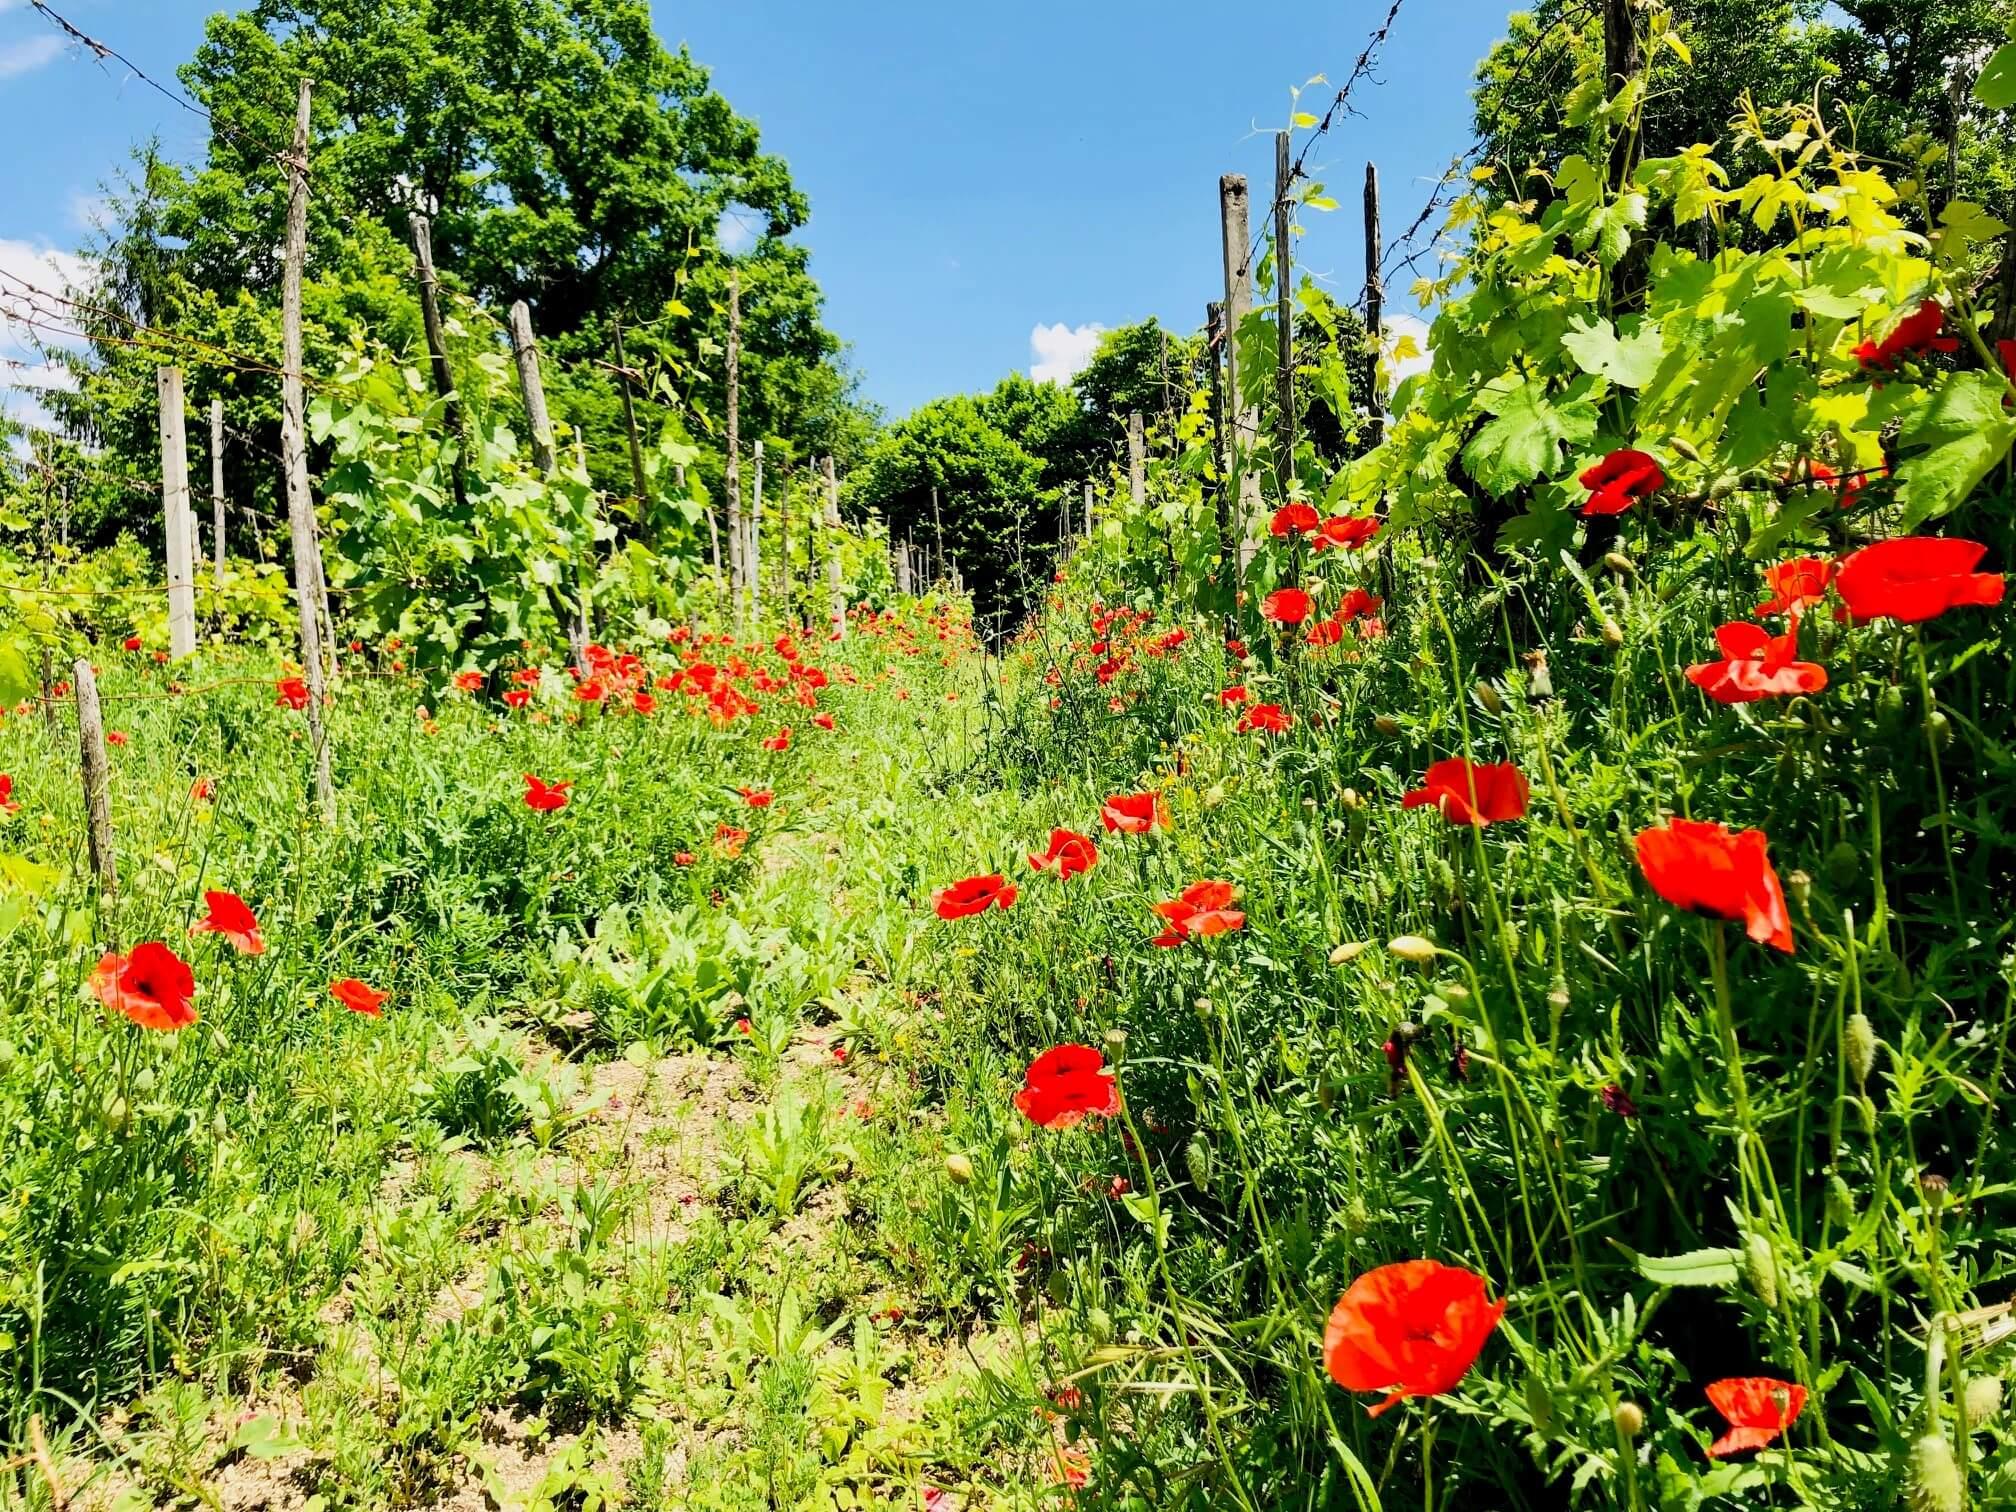 Sjelden, om noen gang har vi sett vakrere druer som vinhøsten 2019 på vingården i Lazio i Italia. Forventningene til druene som nå er høstet er høye, for god kvalitet på druene er essensielt for å lage god vin.